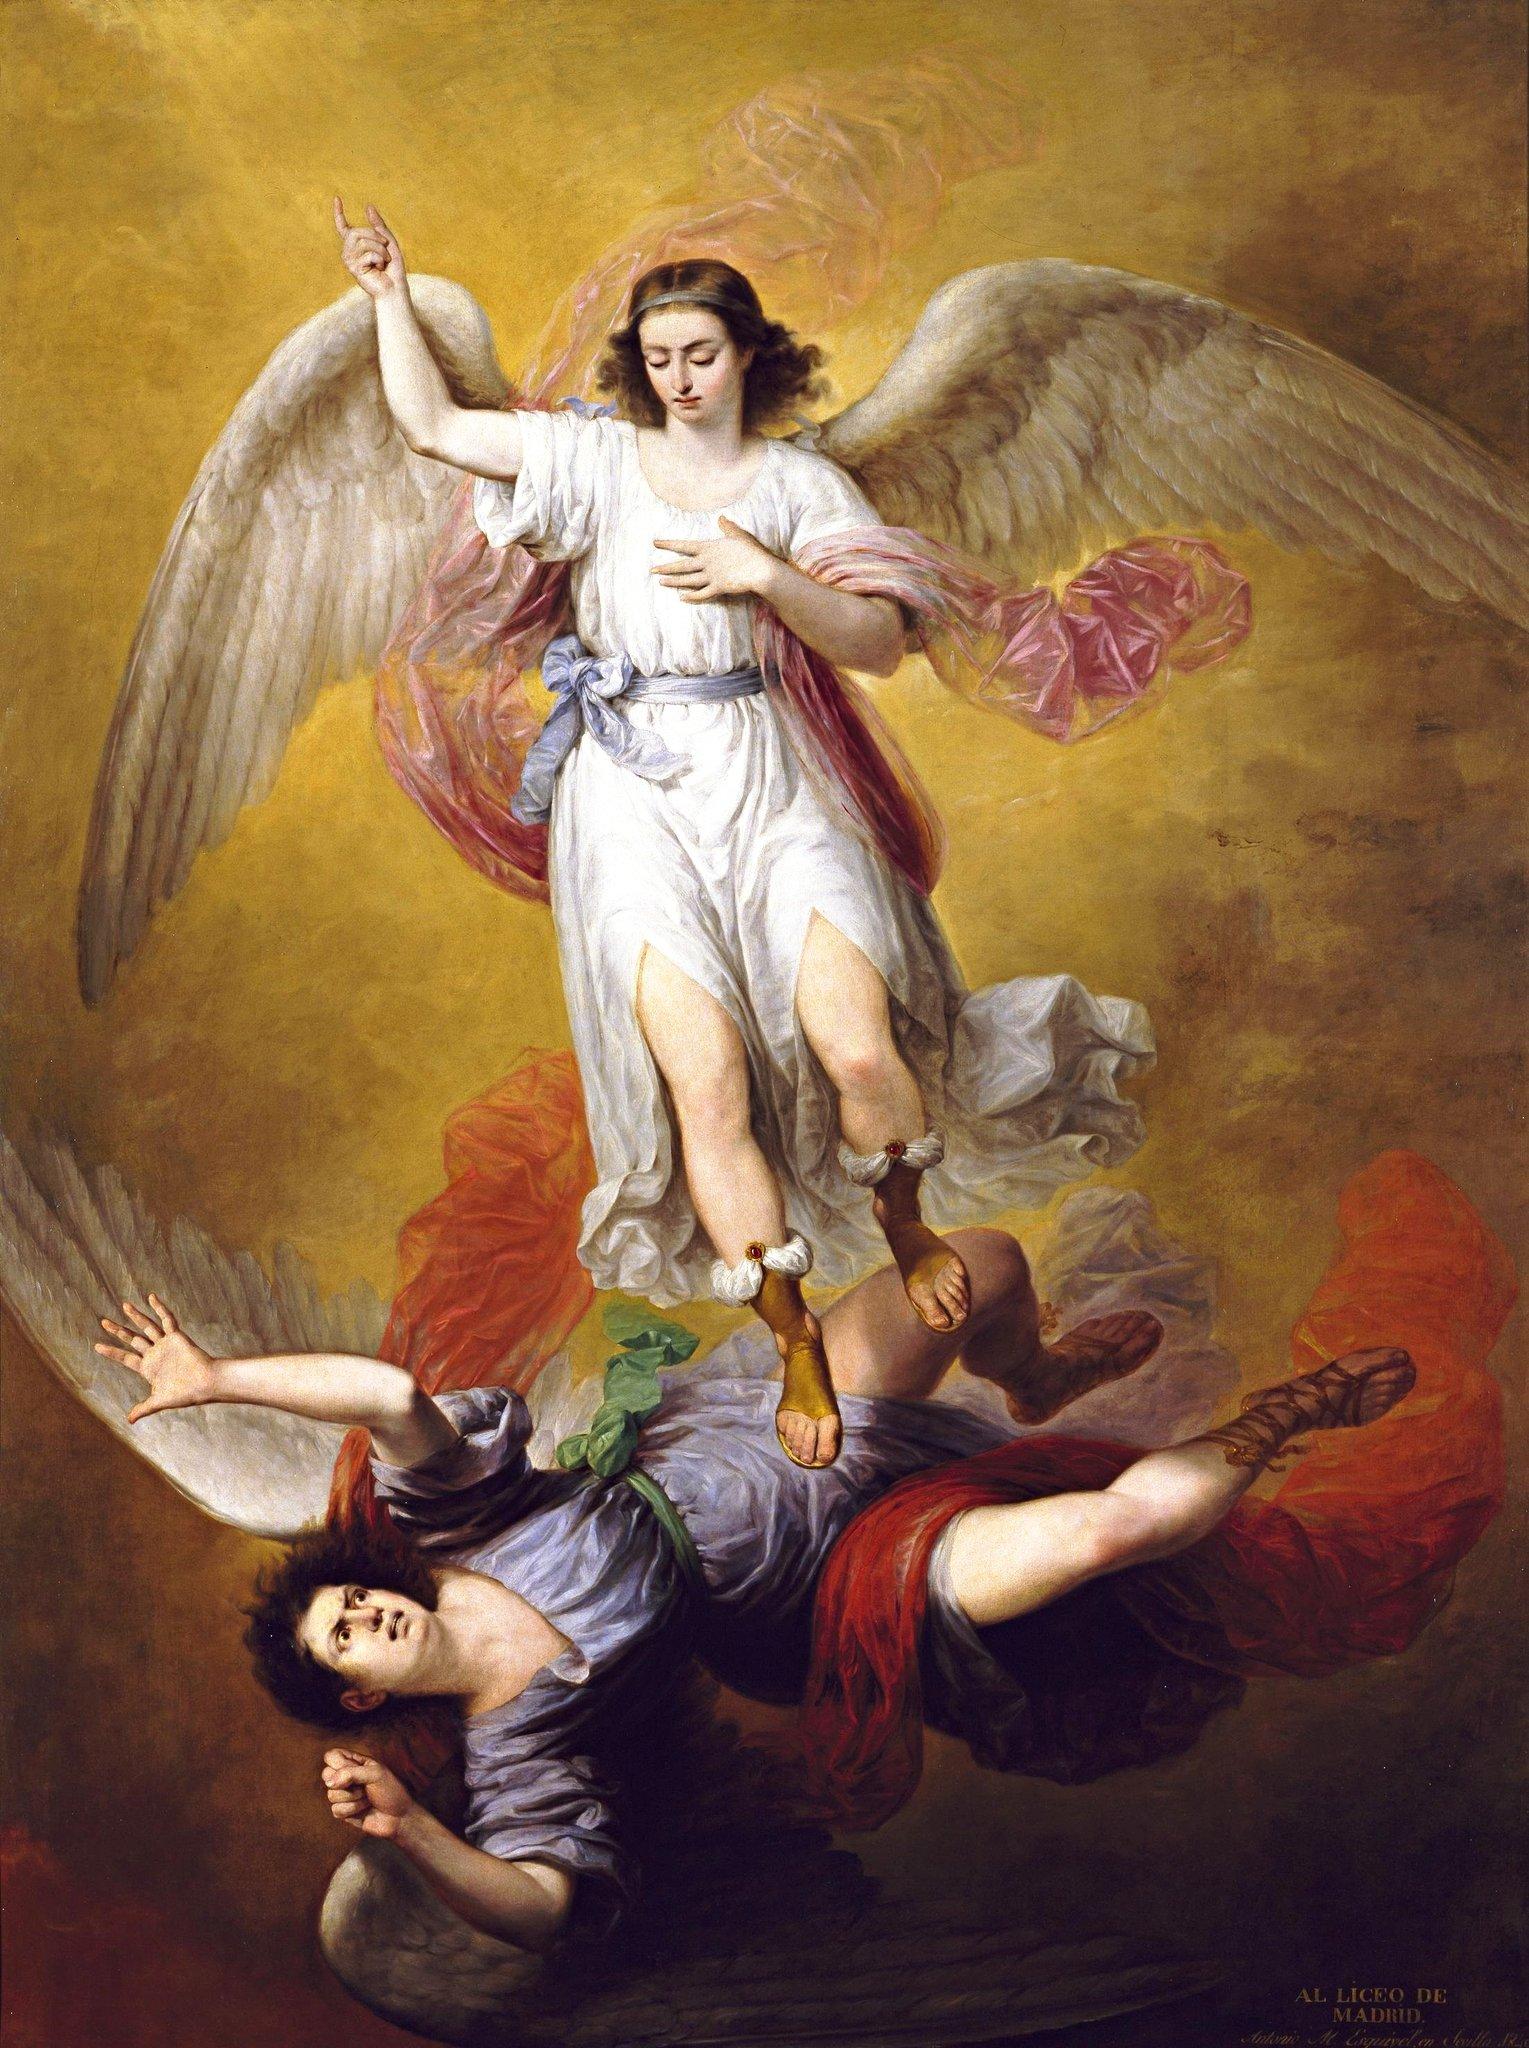 Архангел михаил – наш самый сильный защитник. история гордыни и мятежа. последняя надежда на спасение? сатана свержен с небес. разум, сила и правда